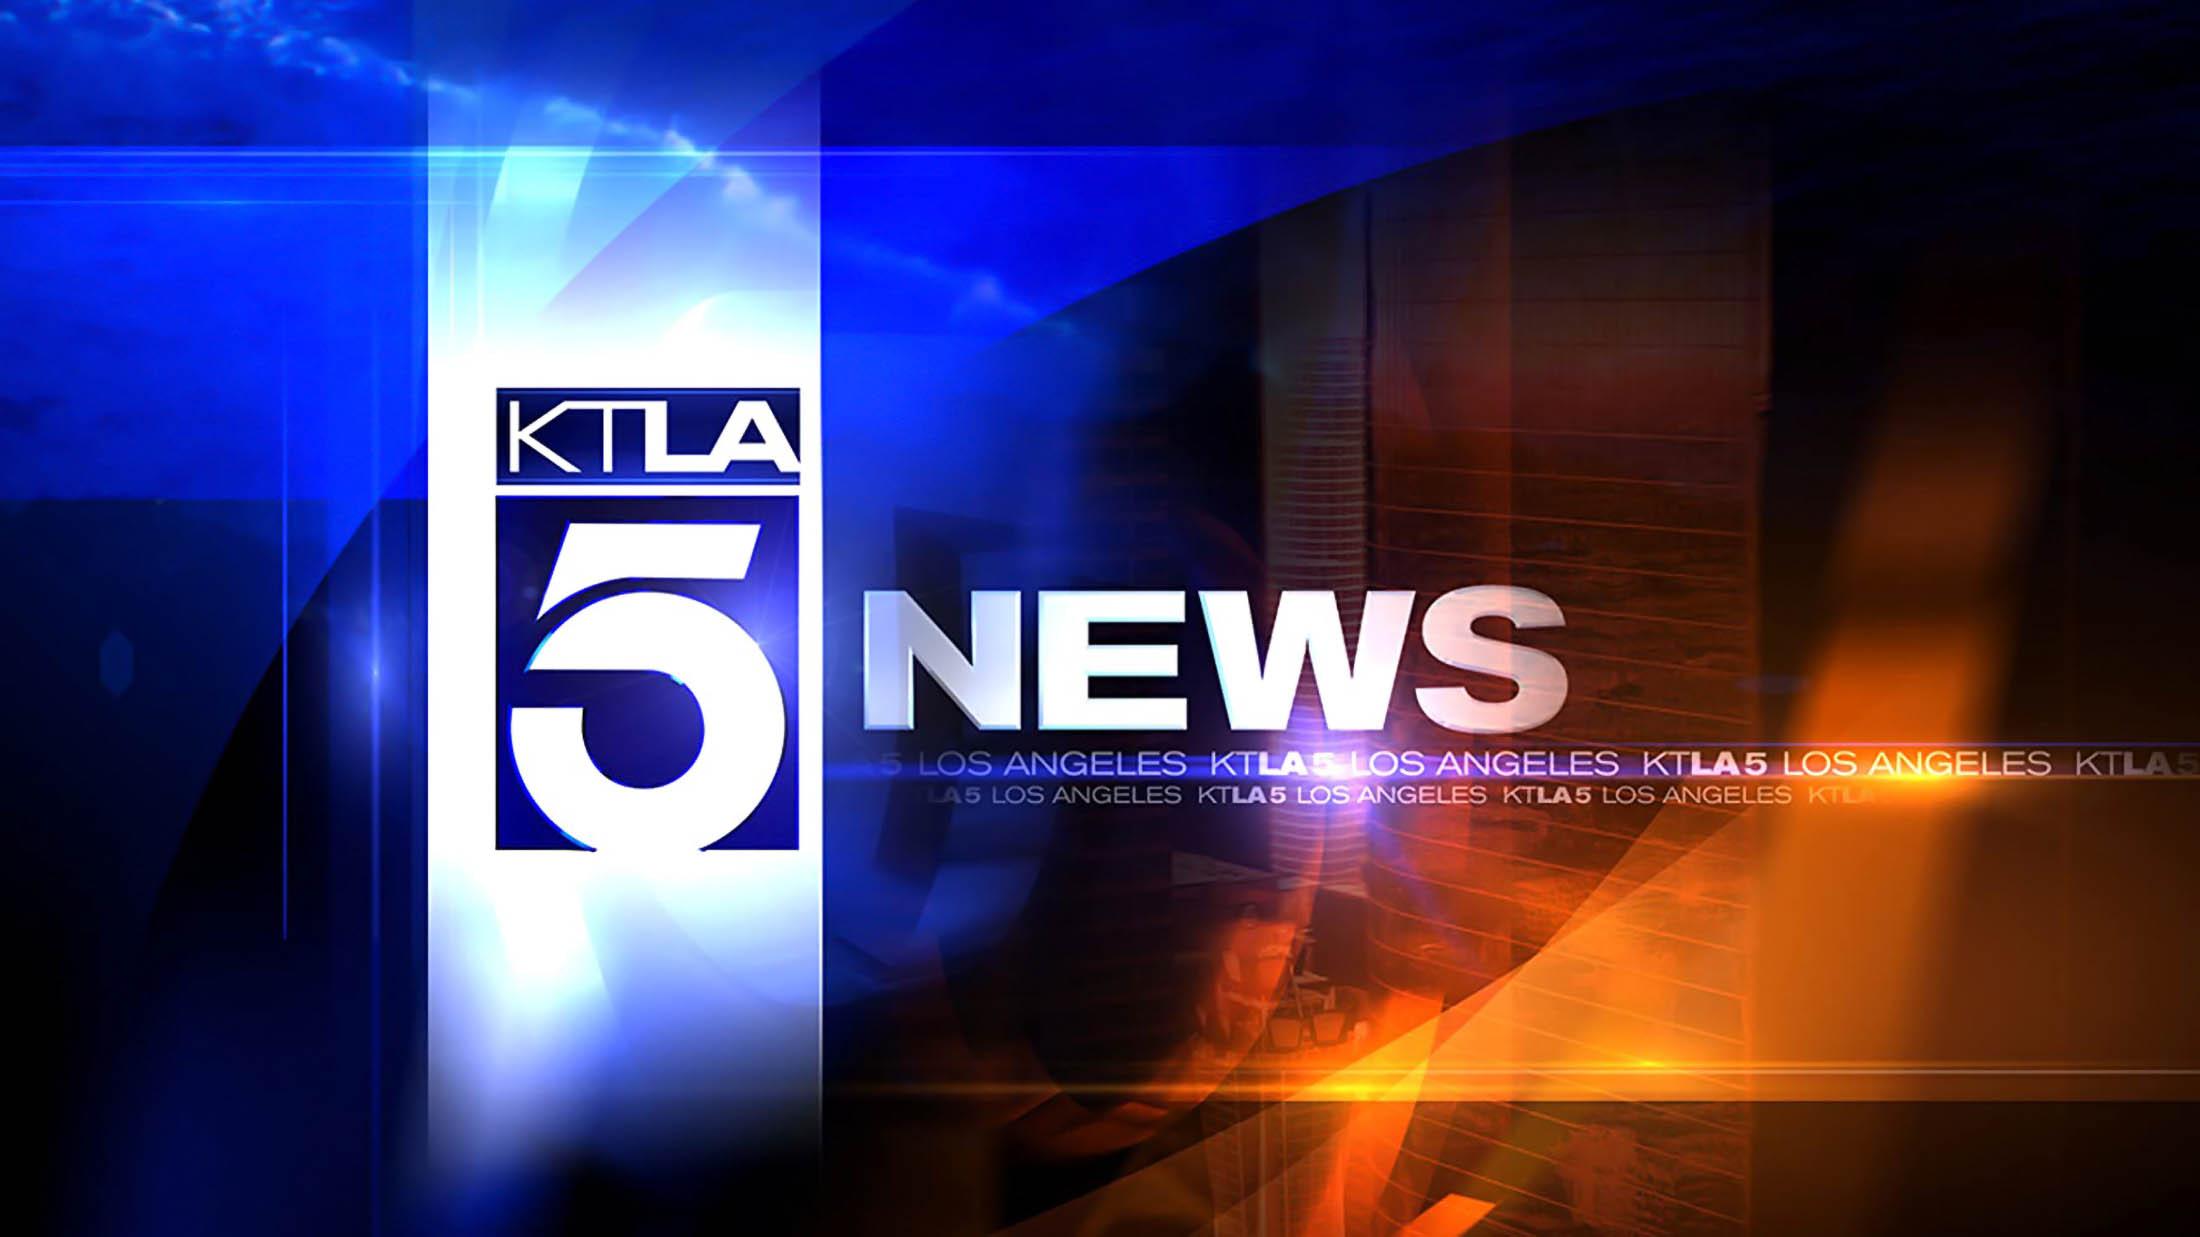 KTLA 5 News Banner